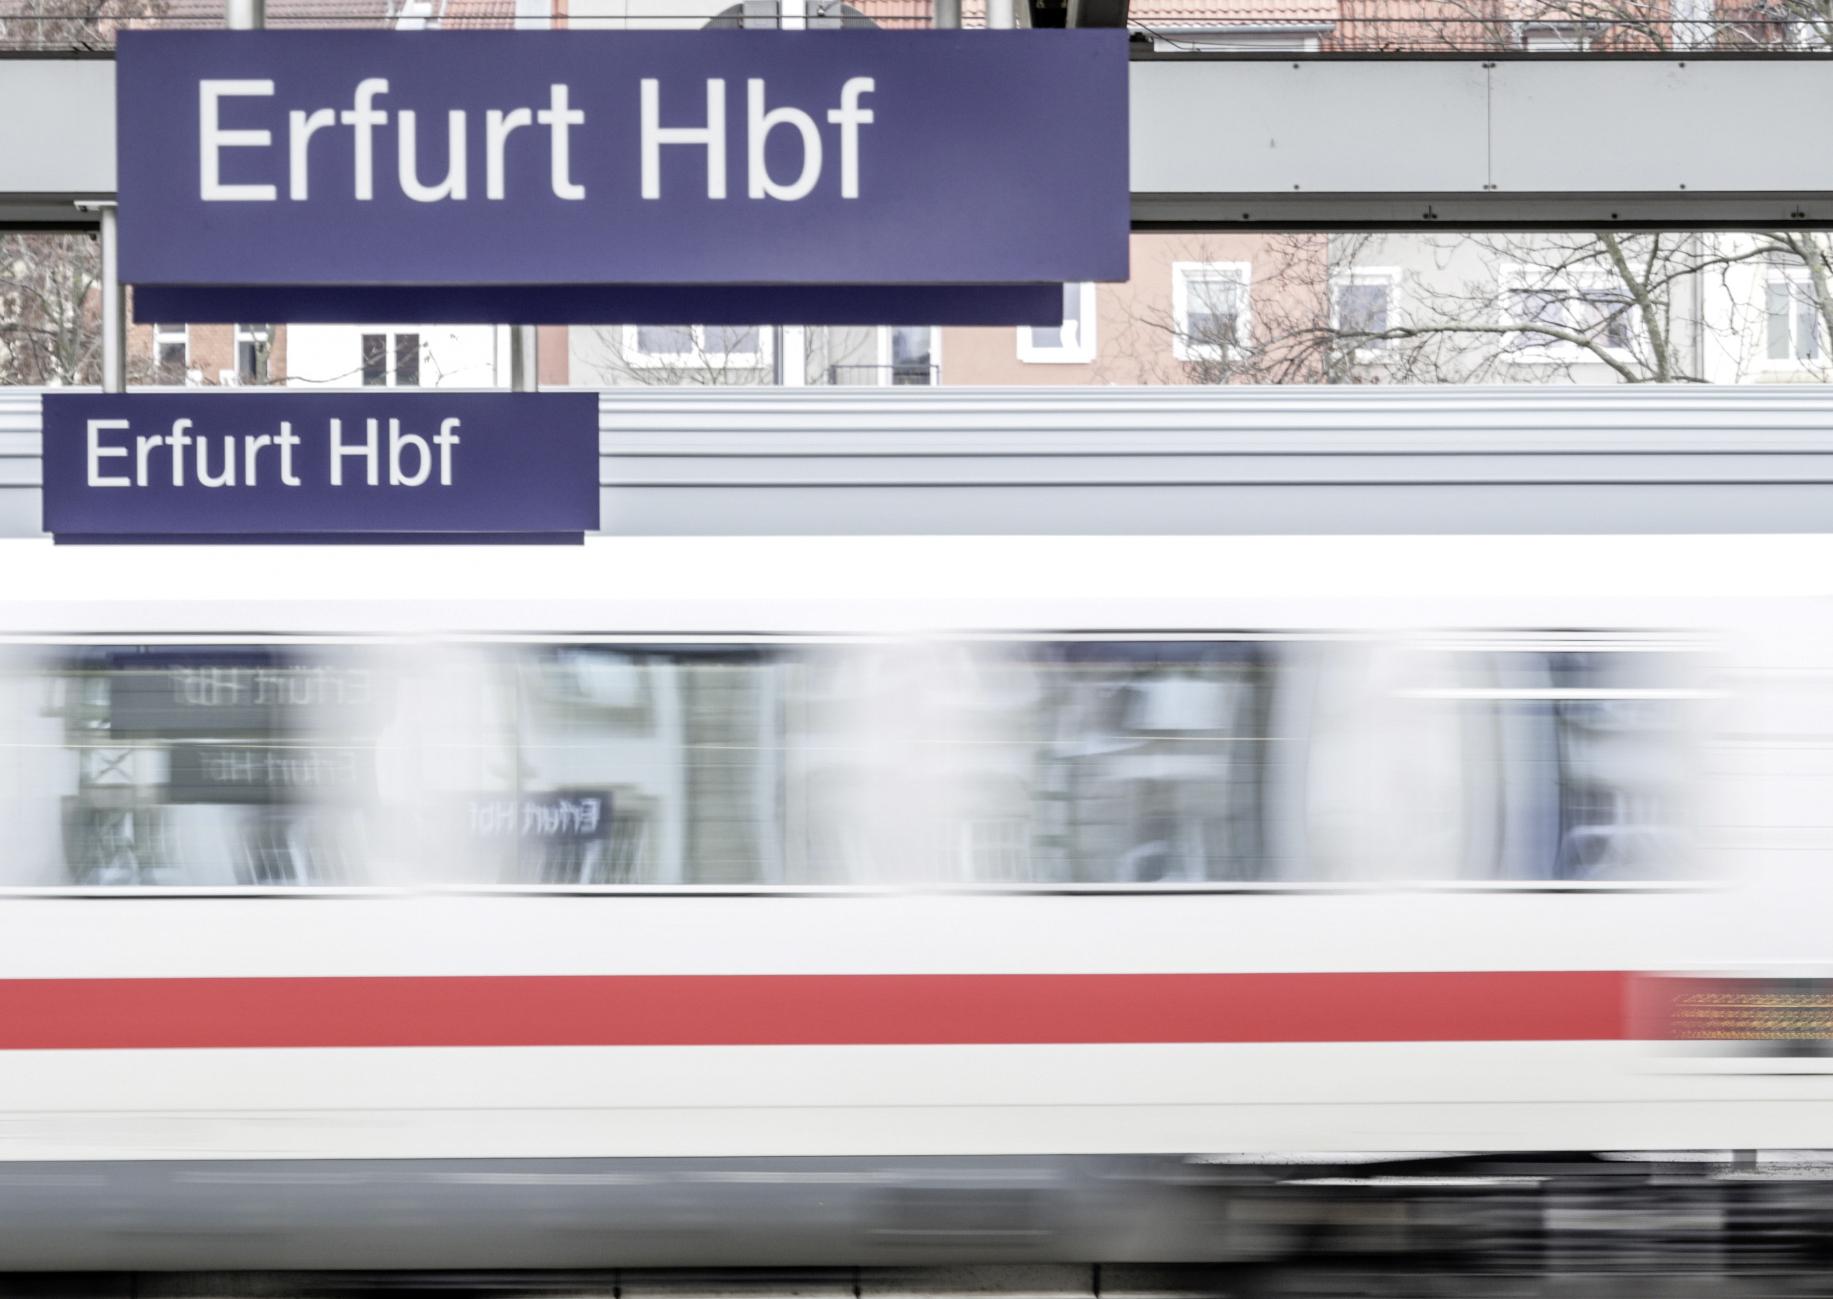 Zug fährt an Gleis Erfurt Hbf vorbei